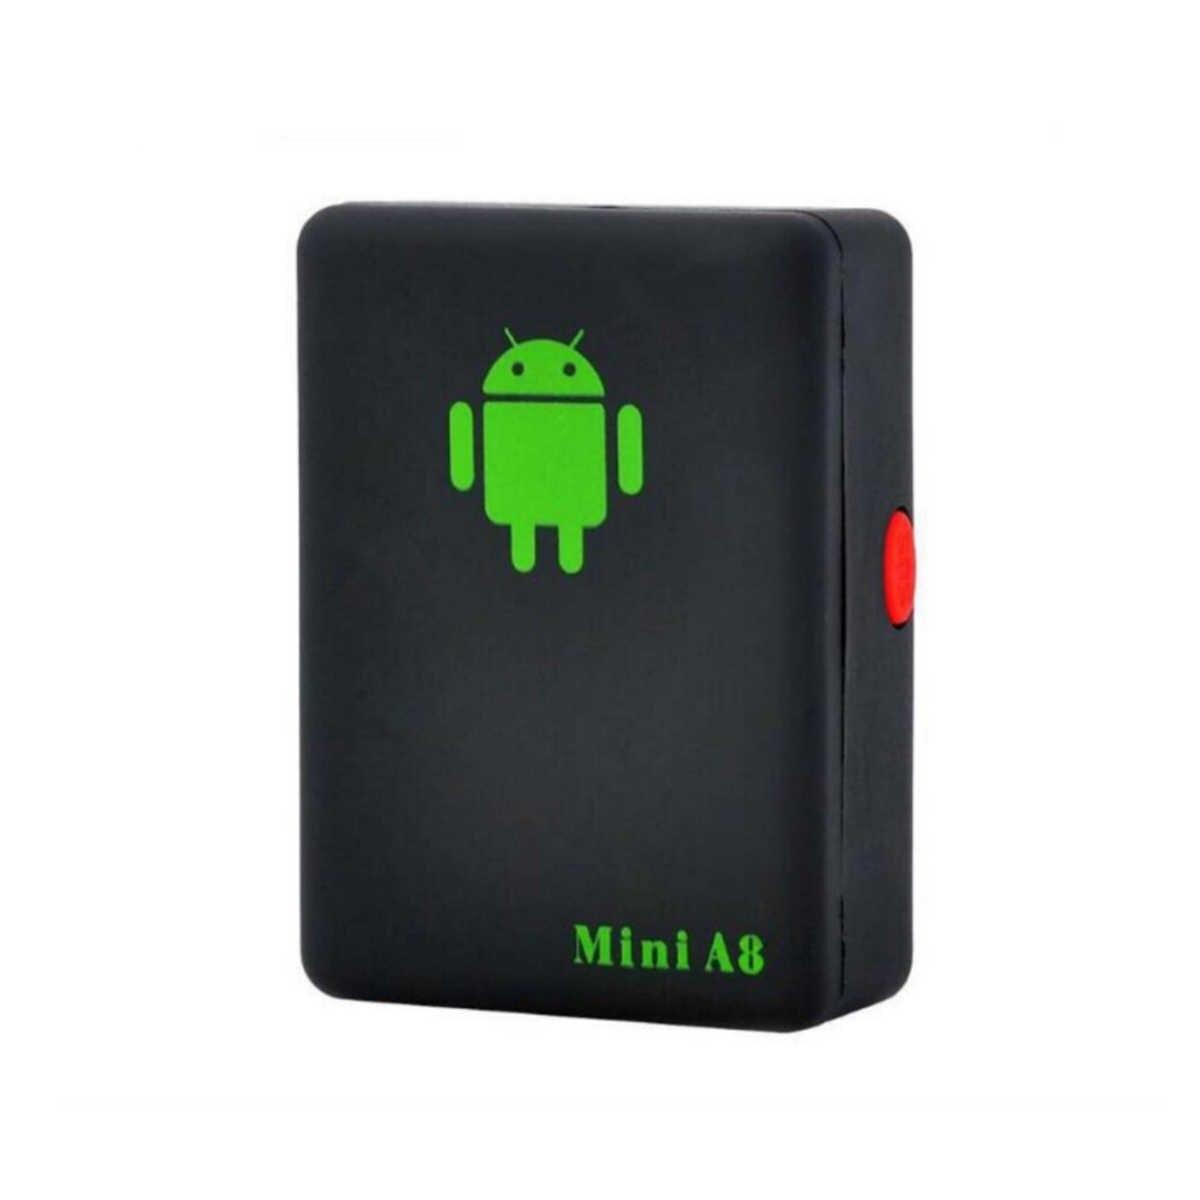 Mini Global Tracker Bug Room Remote Voice Surveillance Gsm Luisteren Doos Apparaat Sim Slot Uk 1900 Mhz Ondersteuning 32M geheugenkaart